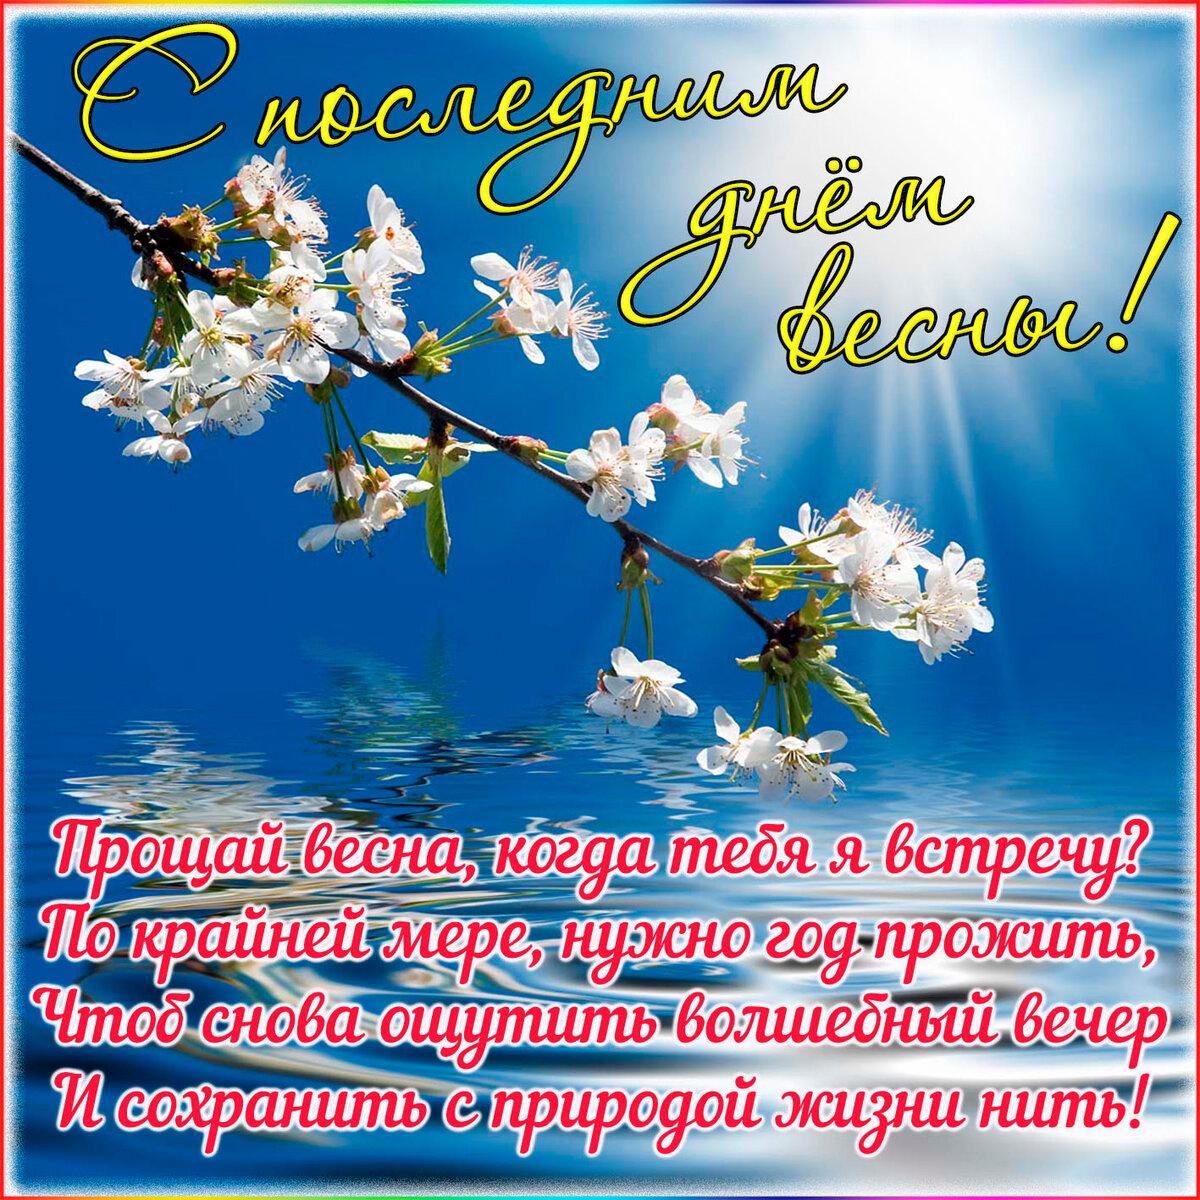 Поздравления с весной в мае